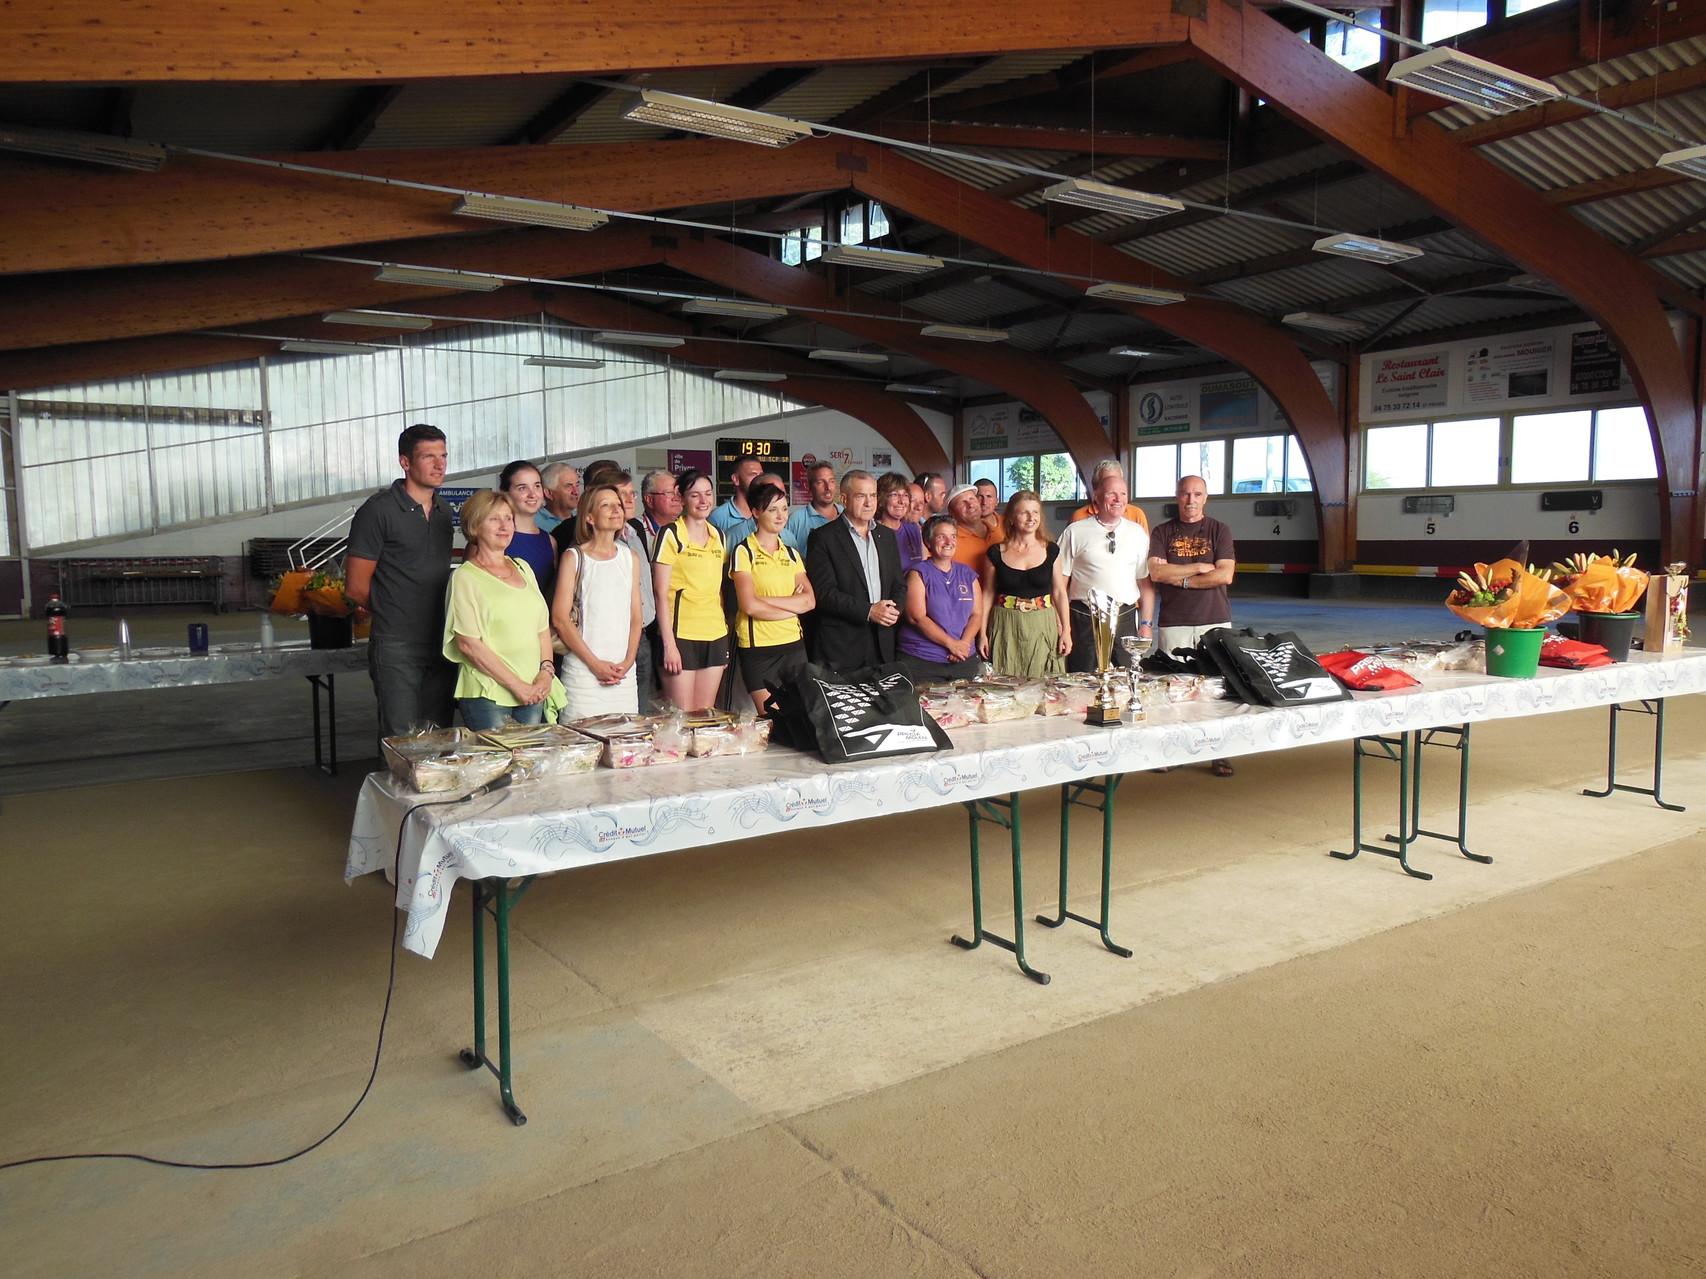 Les finalistes entourés des élus de la municipalité de Privas